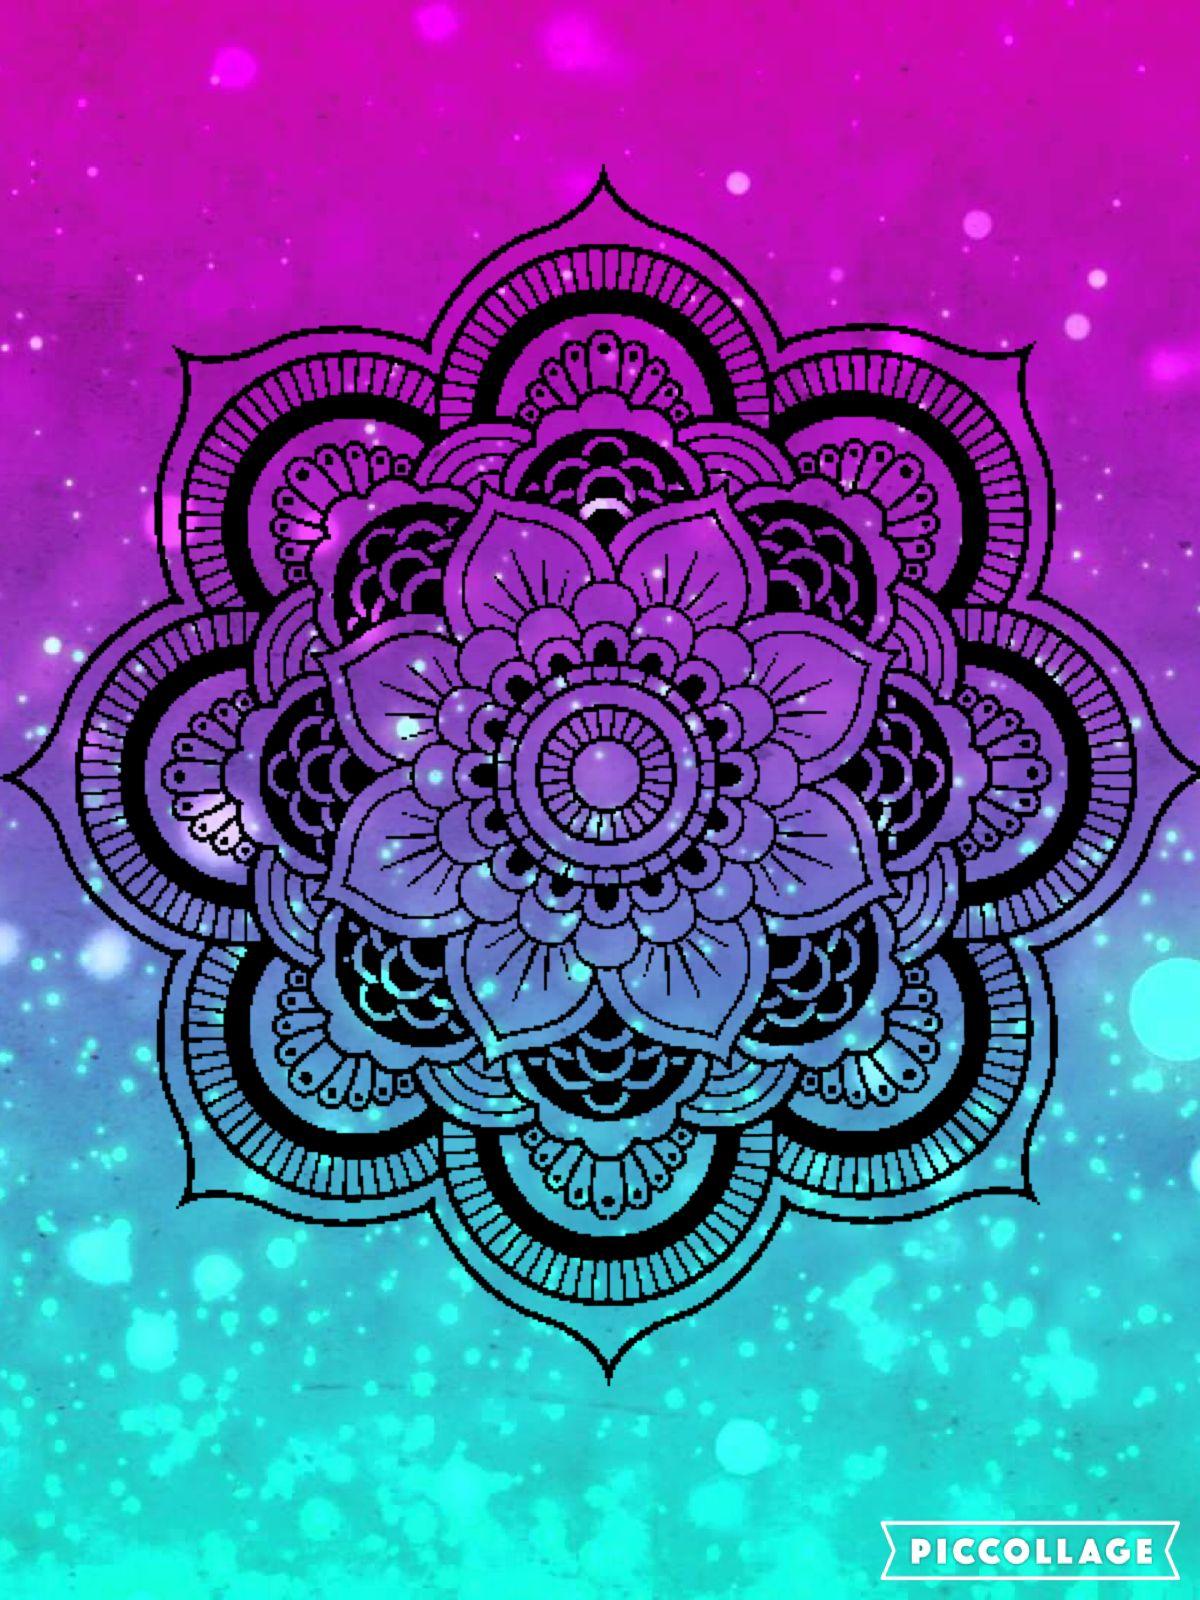 Pin de Luciana en Backgrounds | Fondos de pantalla tumblr, Mandala fondo de  pantalla, Mandala fondos